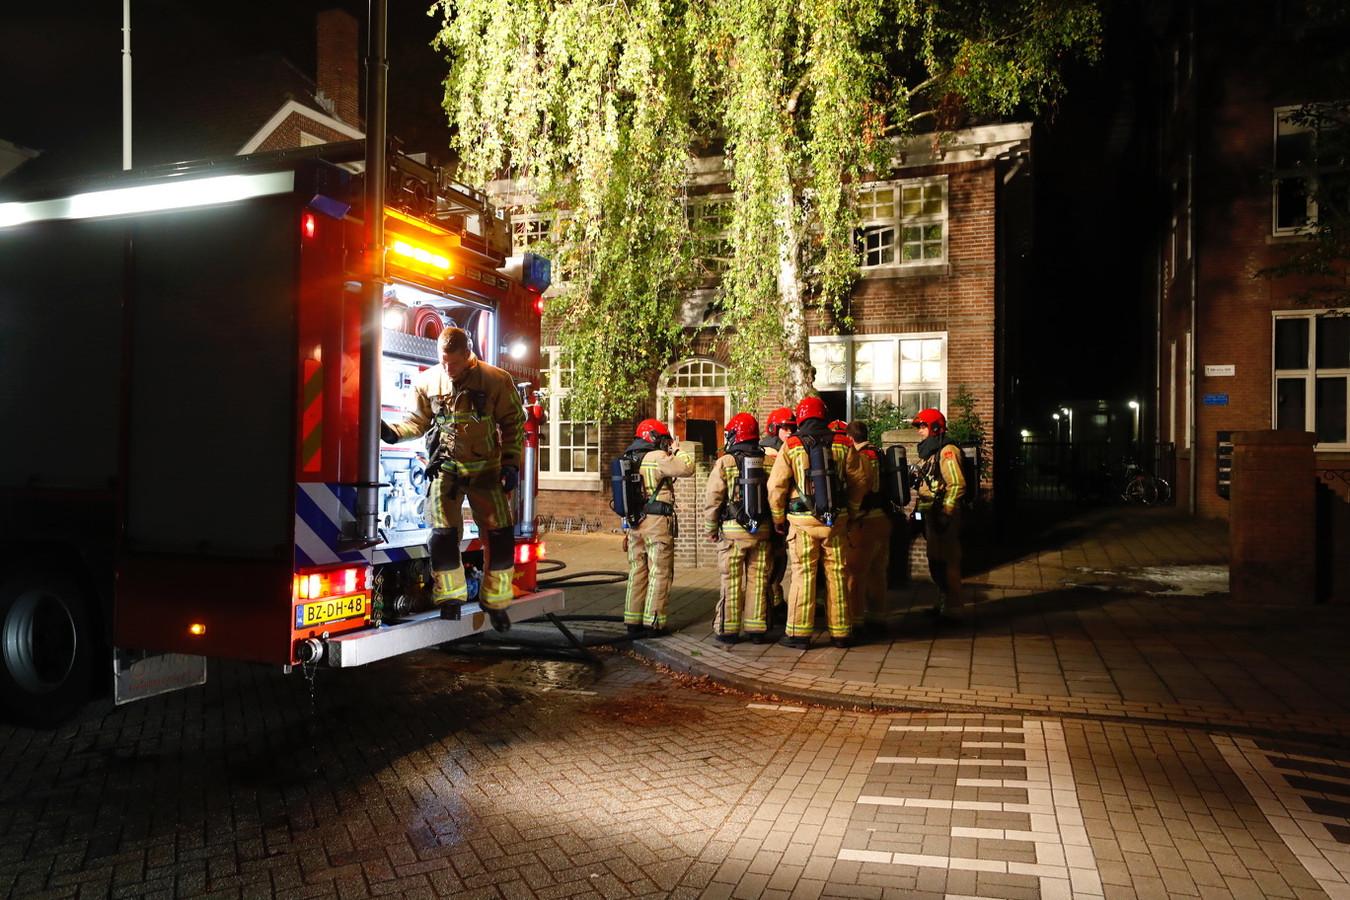 Snel ingrijpen van de brandweer voorkwam september 2019 een ramp nadat een boze zwerver probeerde de nachtopvang aan de Eindhovense Hemelrijken in lichterlaaie te zetten.